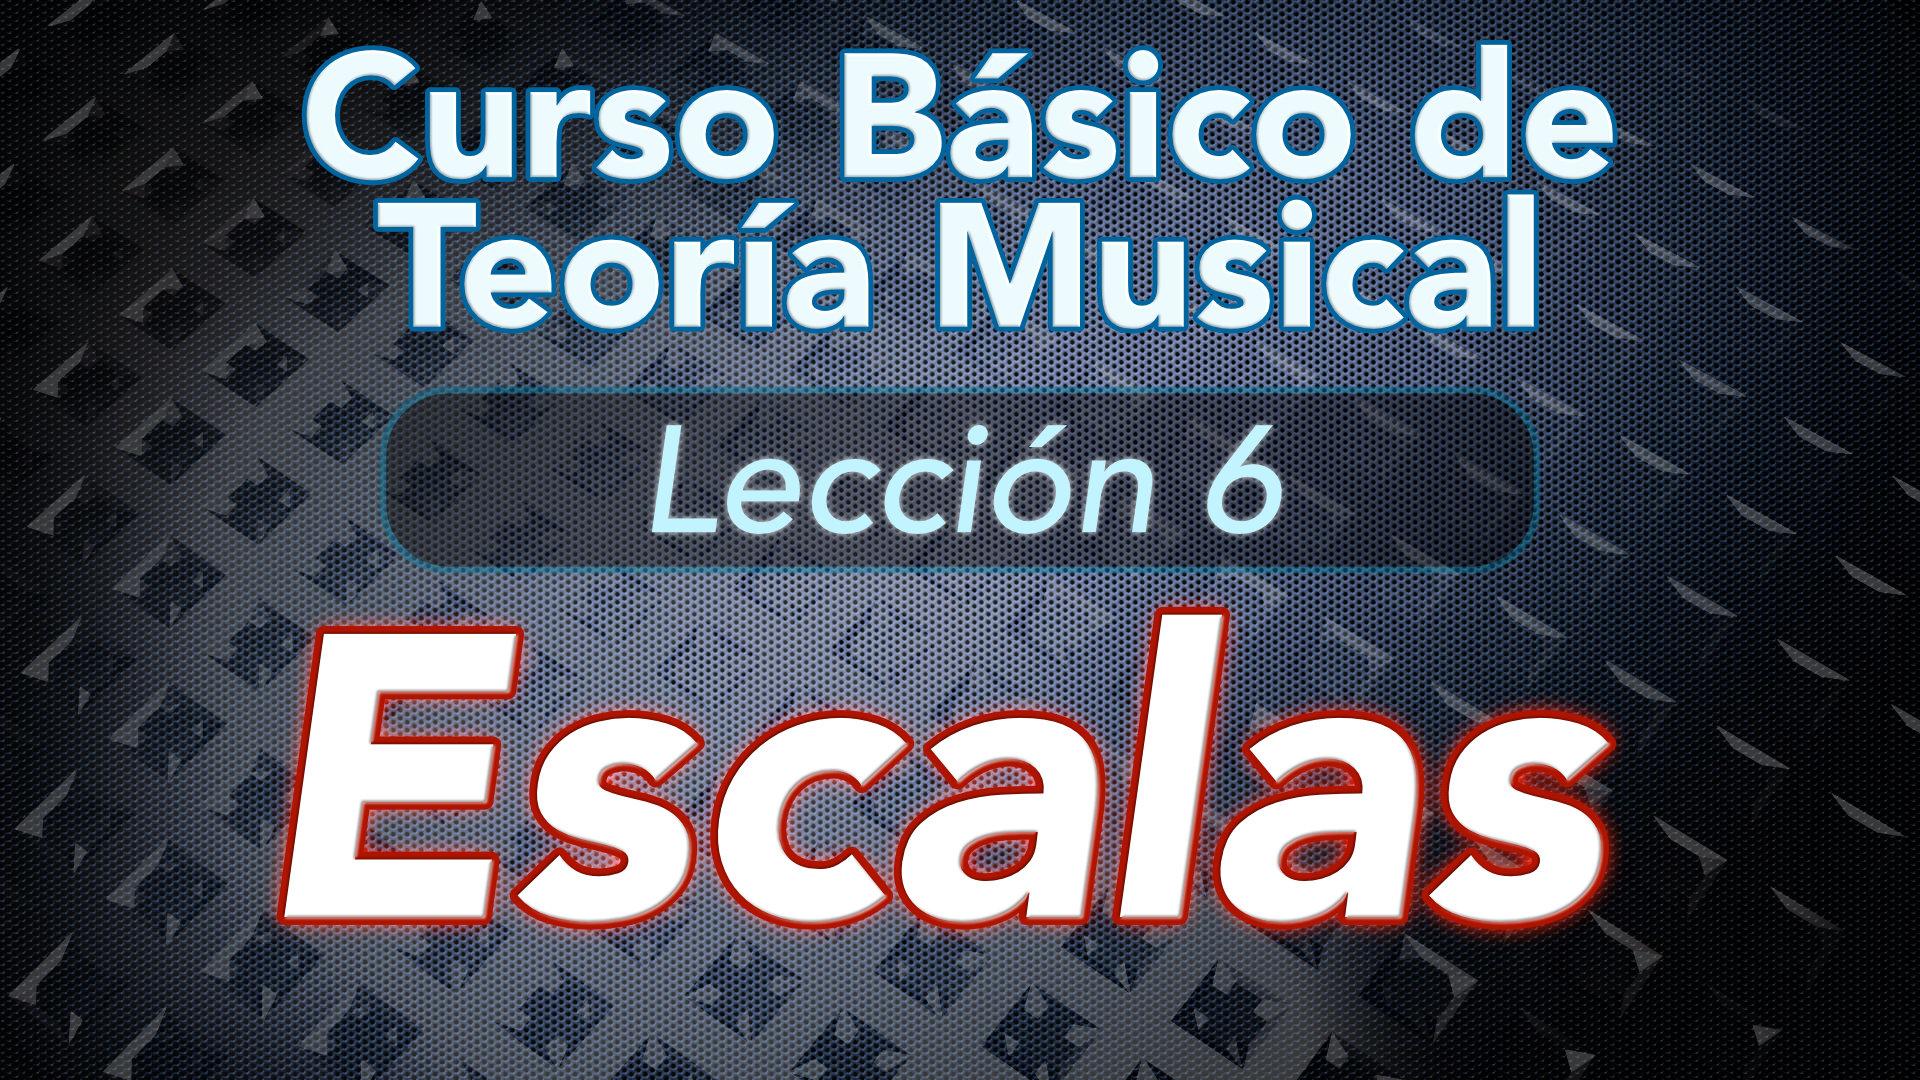 TEORIA DE LA MUSICA – Lección 6: Escalas, mayor, menor, origen, historia